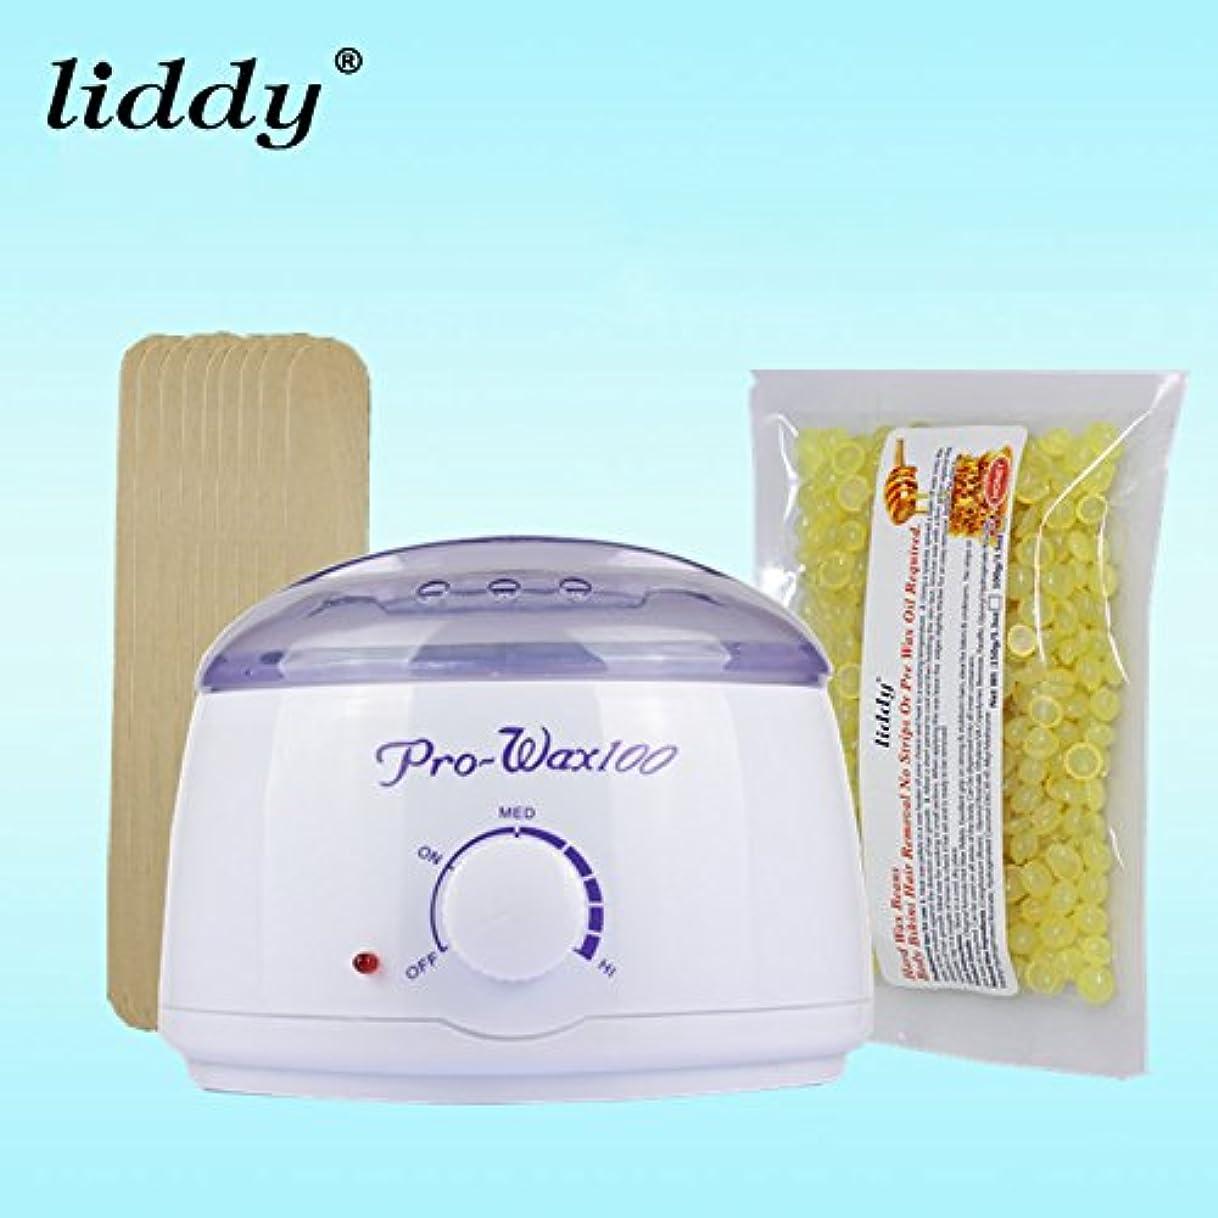 Liebeye 美容漂白毛抜きツールキット ワックスビーズ(色ランダム)+調整可能な温度ワックスヒーター+20個のスティック ビキニ 100g/3.5oz